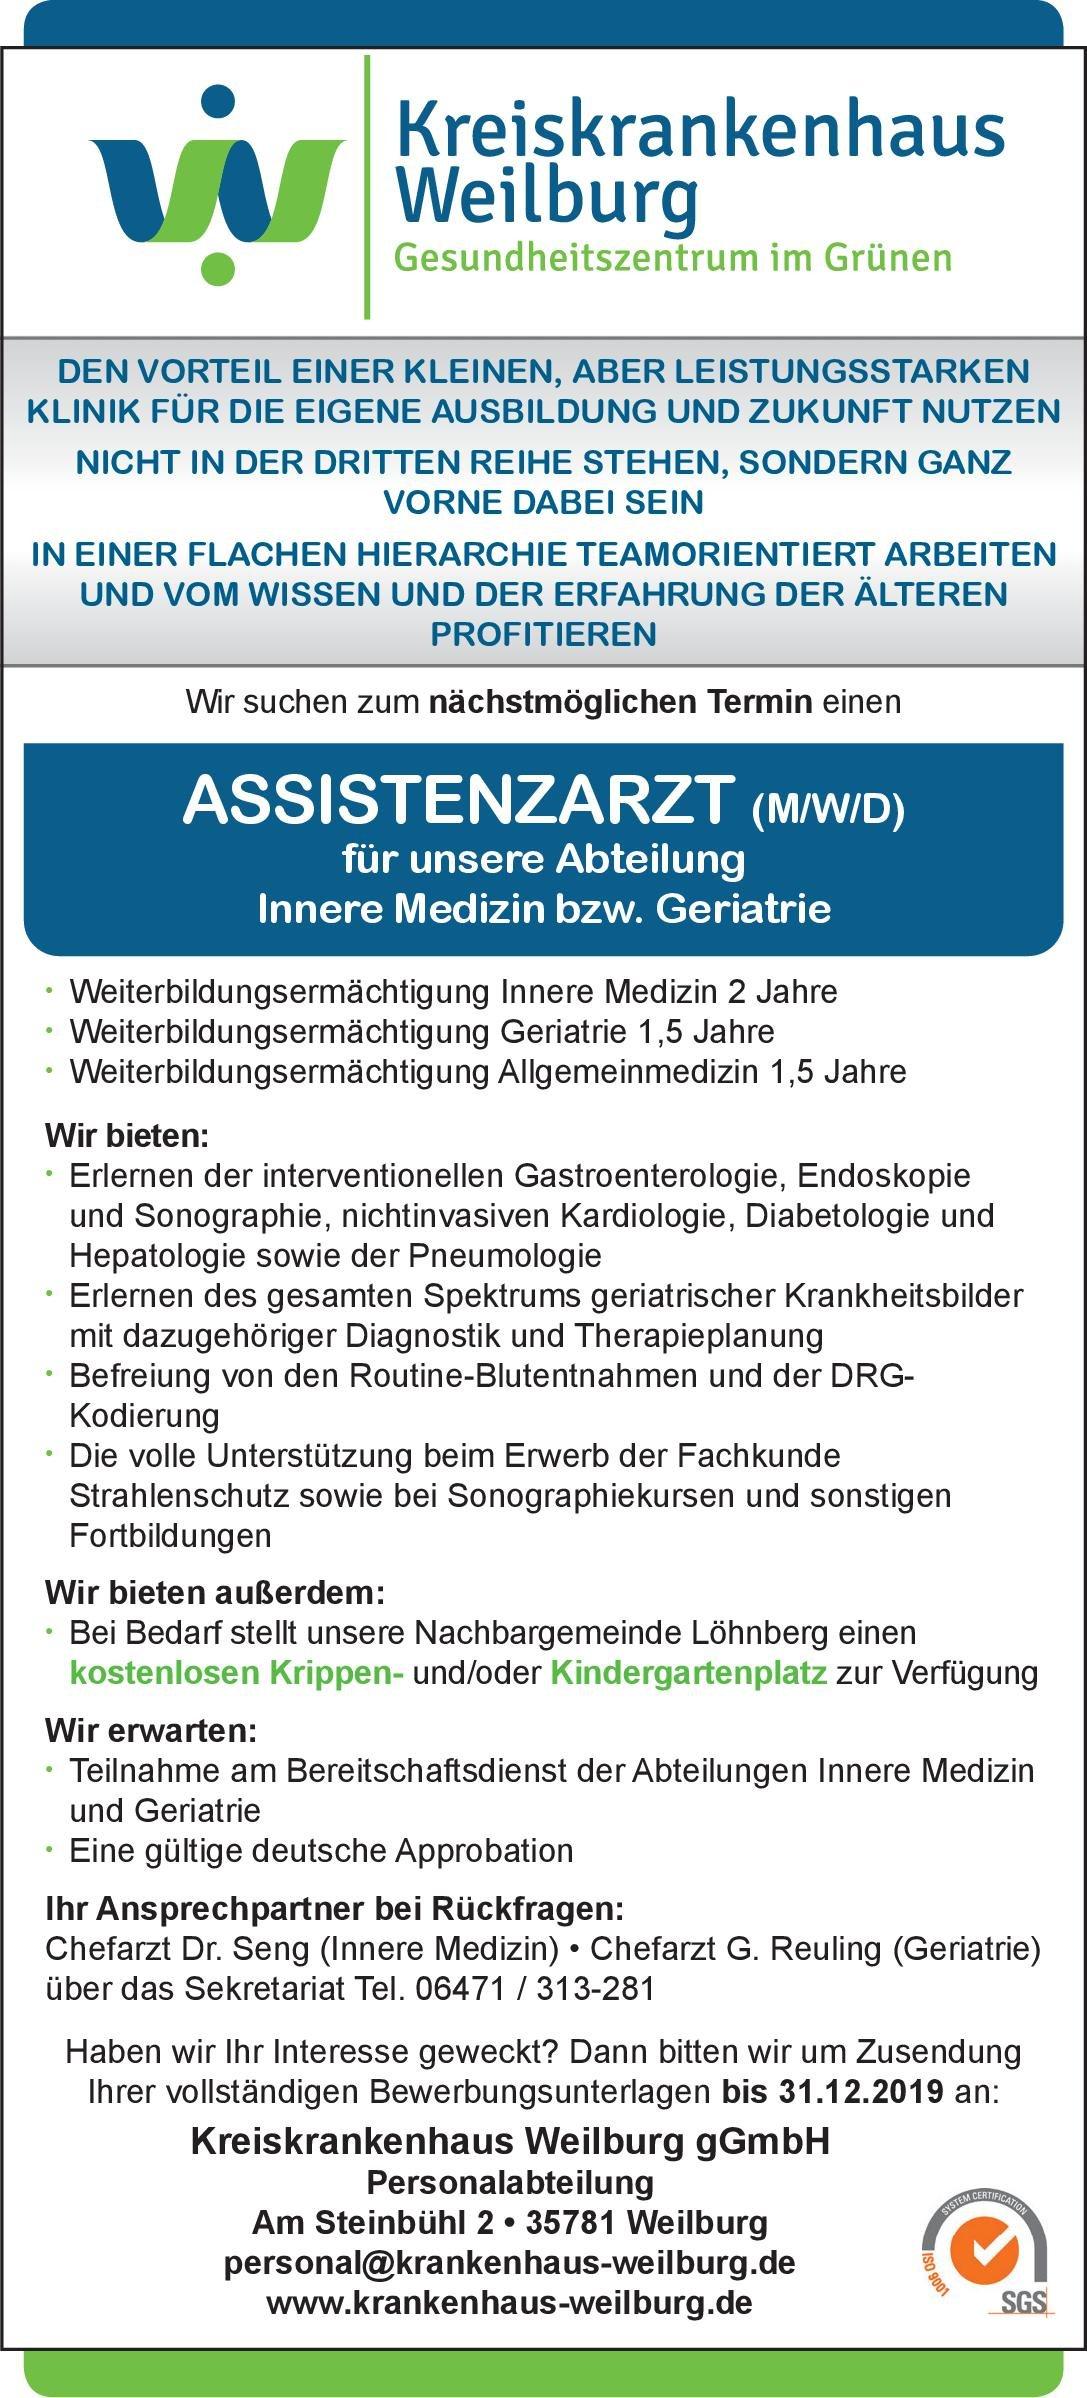 Kreiskrankenhaus Weilburg gGmbH Assistenzarzt (m/w/d) Innere Medizin bzw. Geriatrie  Innere Medizin, Geriatrie, Innere Medizin Assistenzarzt / Arzt in Weiterbildung